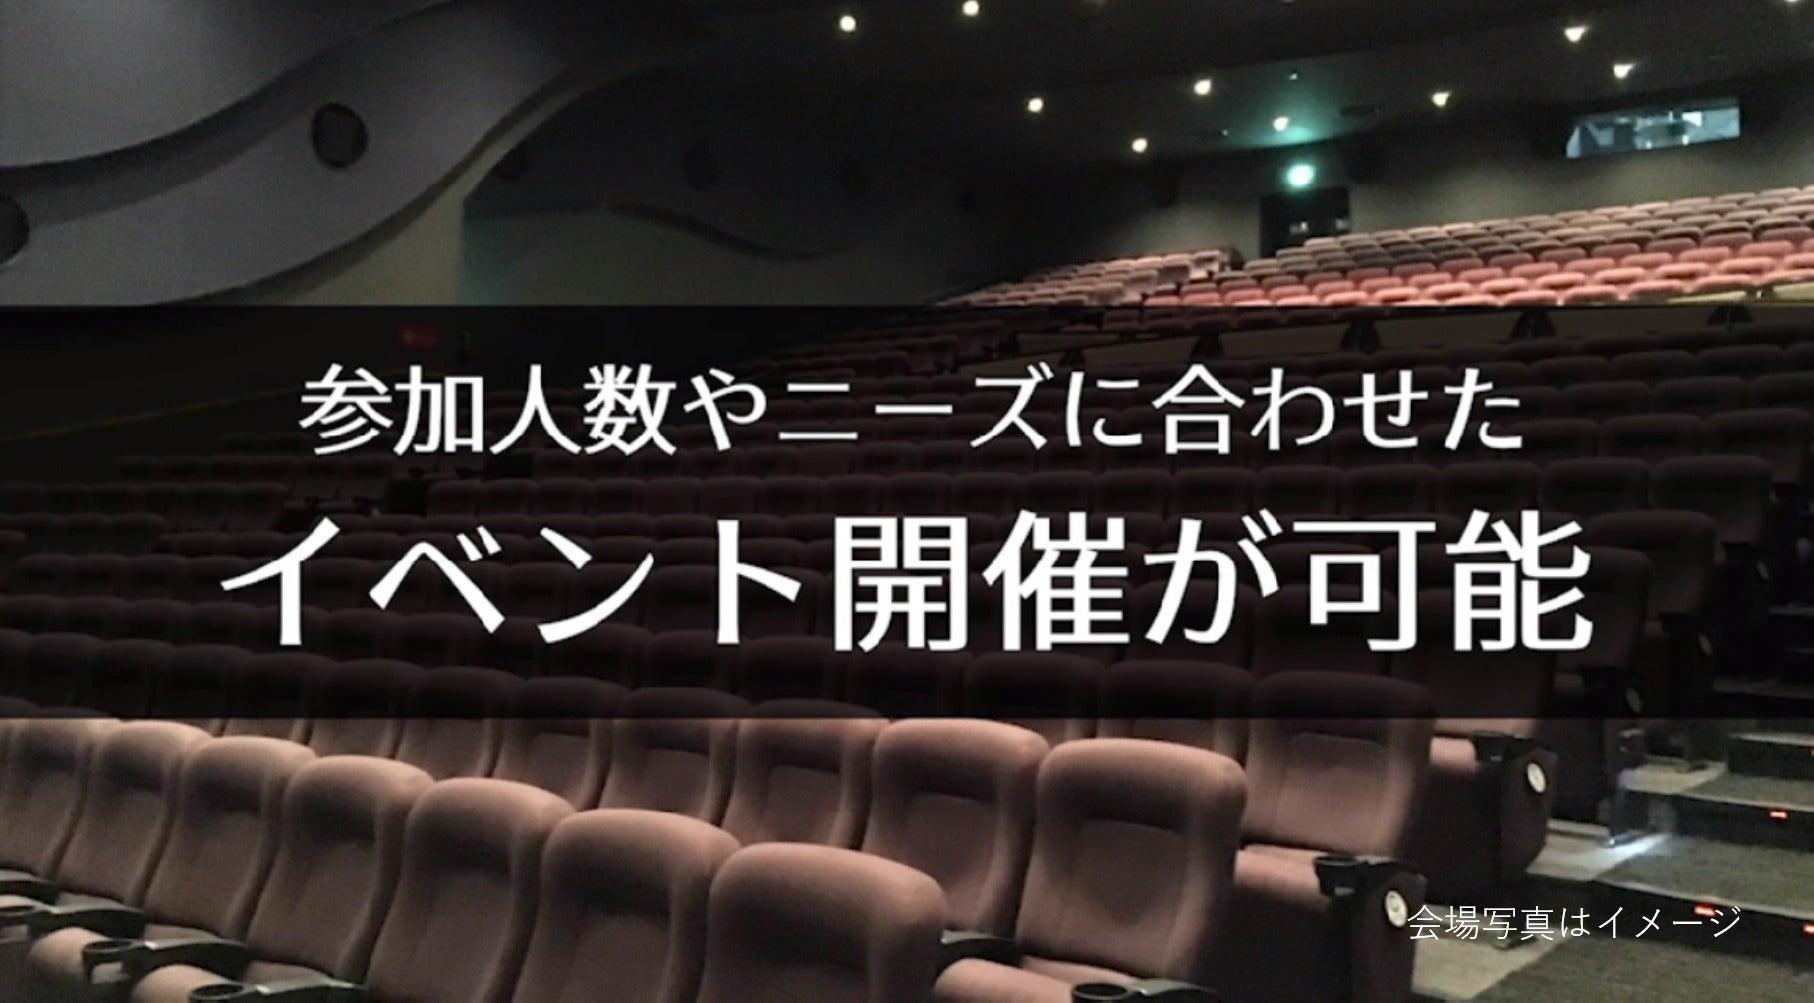 【新潟 120席】映画館で、会社説明会、株主総会、講演会の企画はいかがですか?